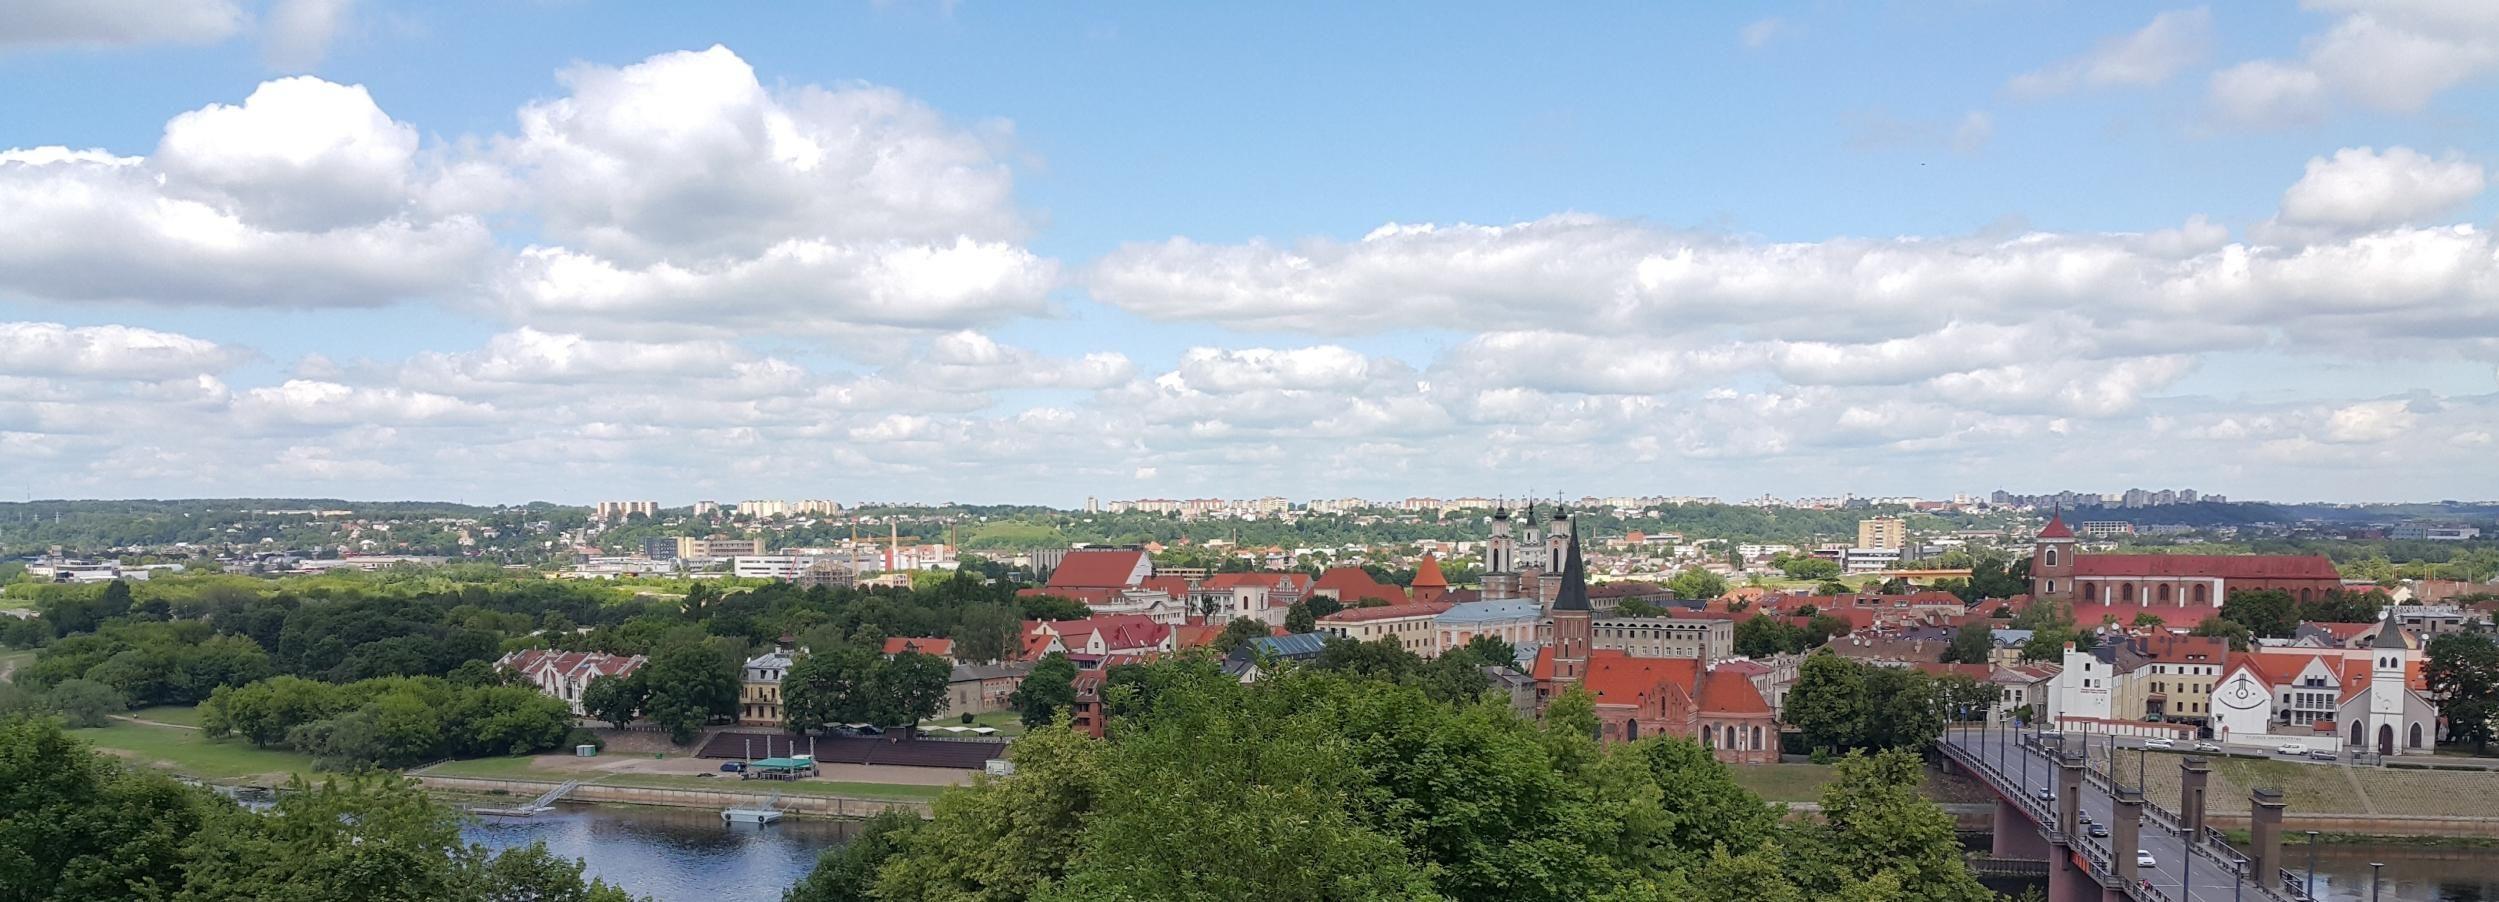 De Vilnius: Kaunas, Trakai e Paneriai Forest